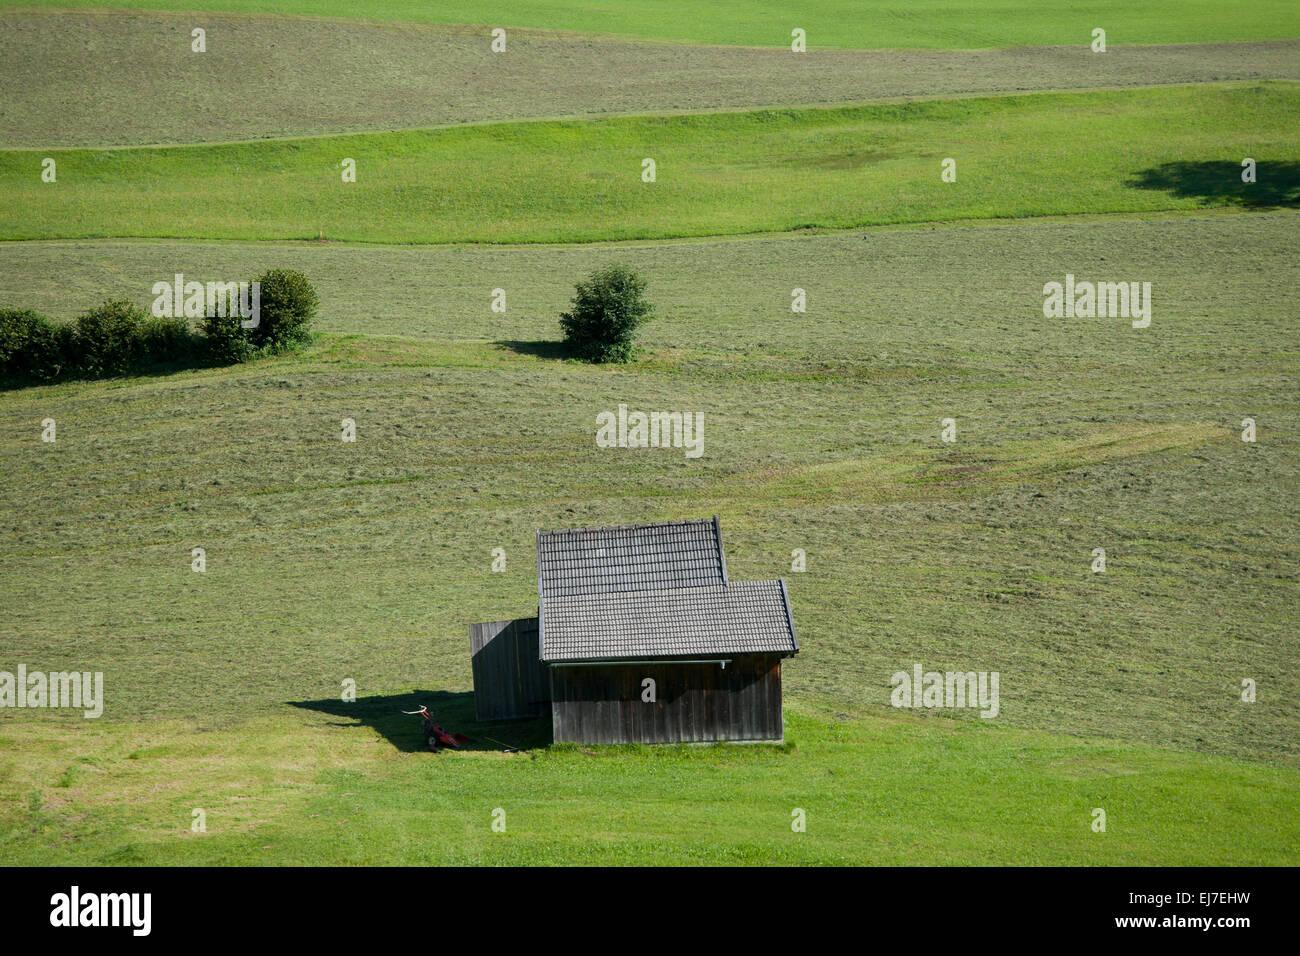 Reitererplateau, Aussee, Salzkammergut, Steiermark, Österreich Stockbild